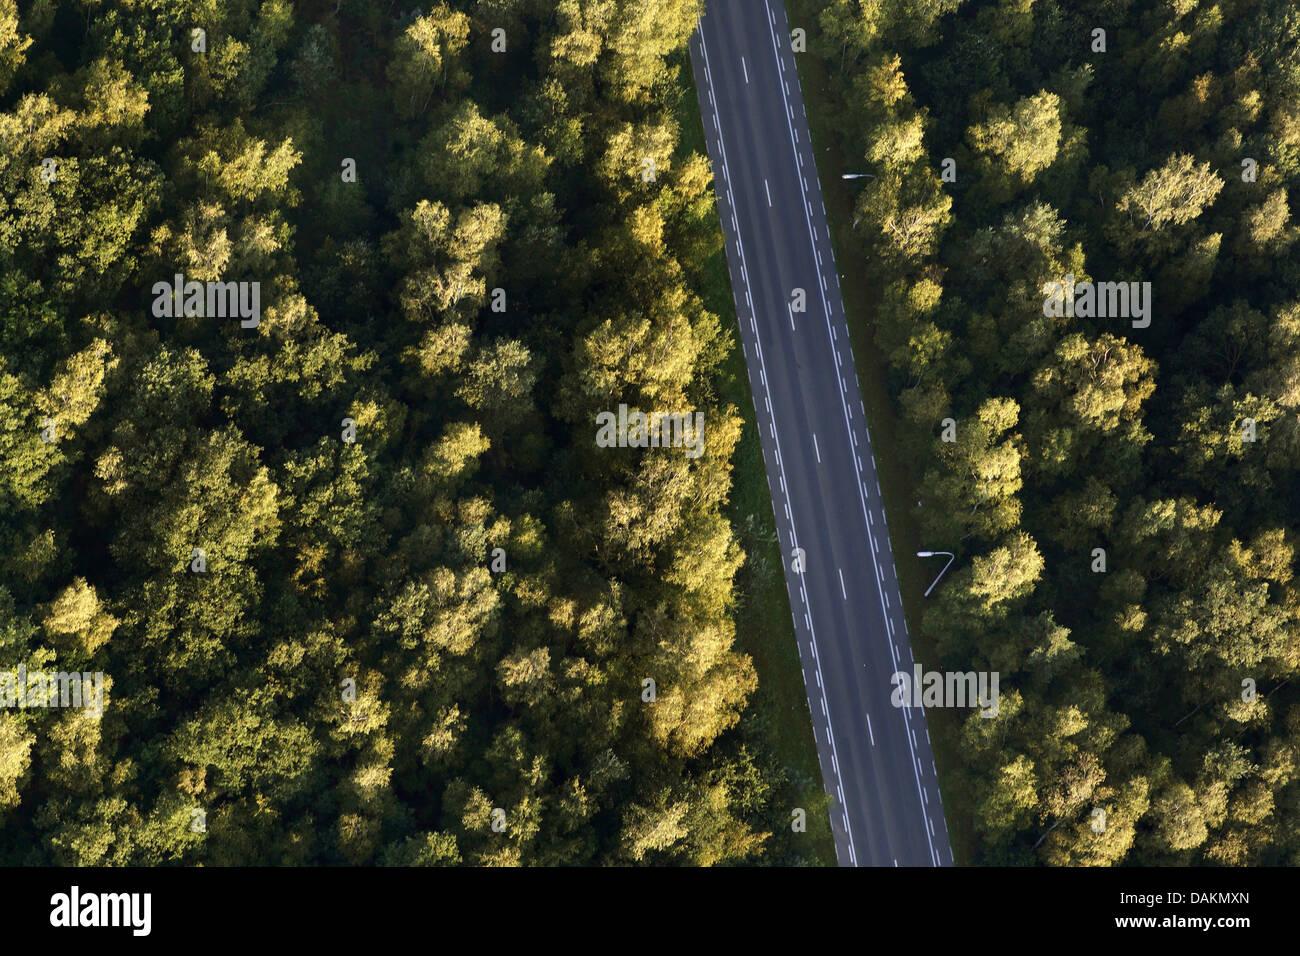 Vista aerea di strada che attraversa un bosco, Belgio Immagini Stock